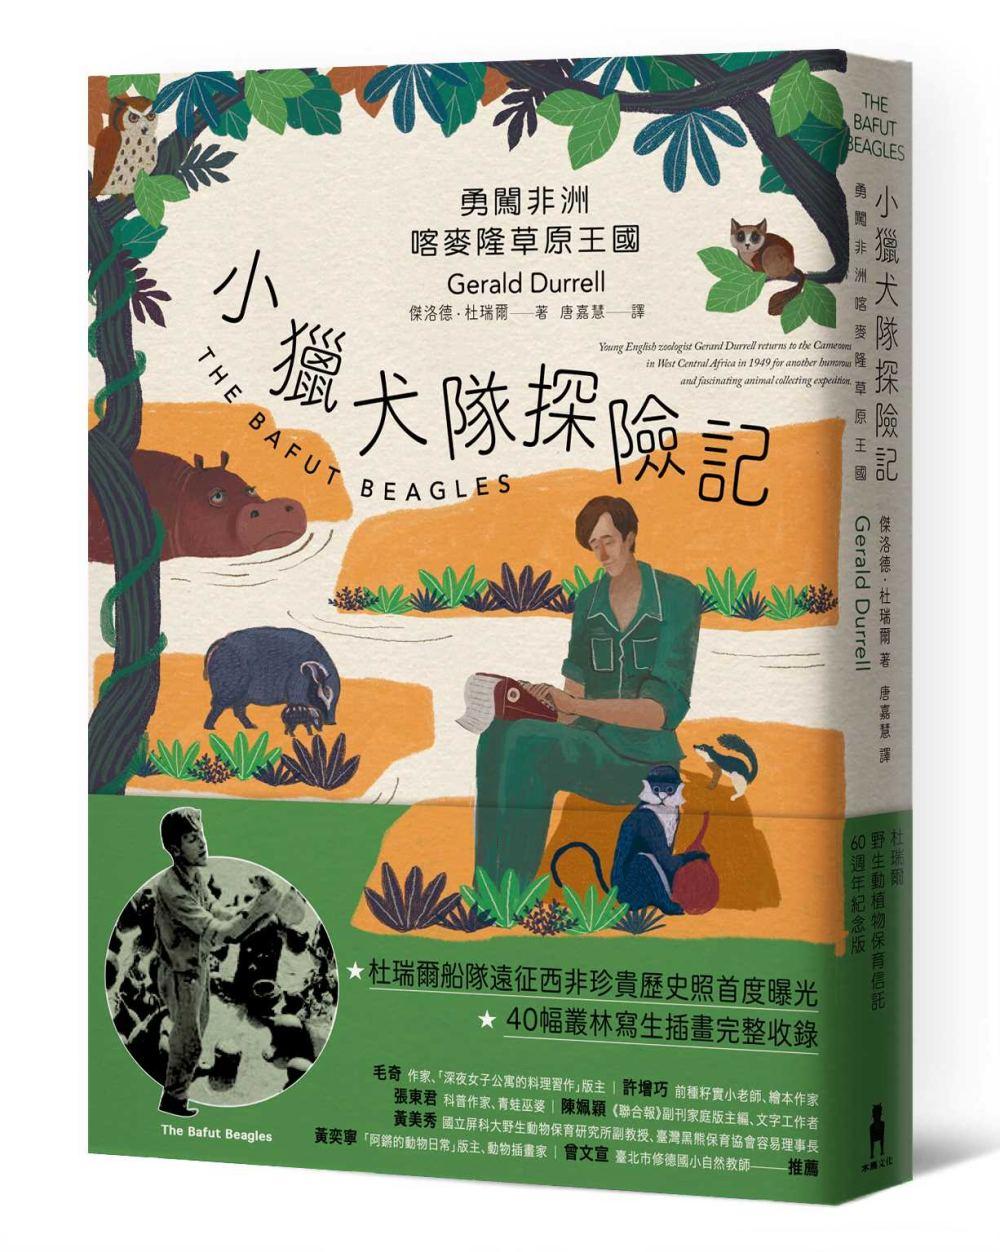 小獵犬隊探險記:勇闖非洲喀麥隆草原王國【杜瑞爾野生動植物保育信託60週年紀念版】